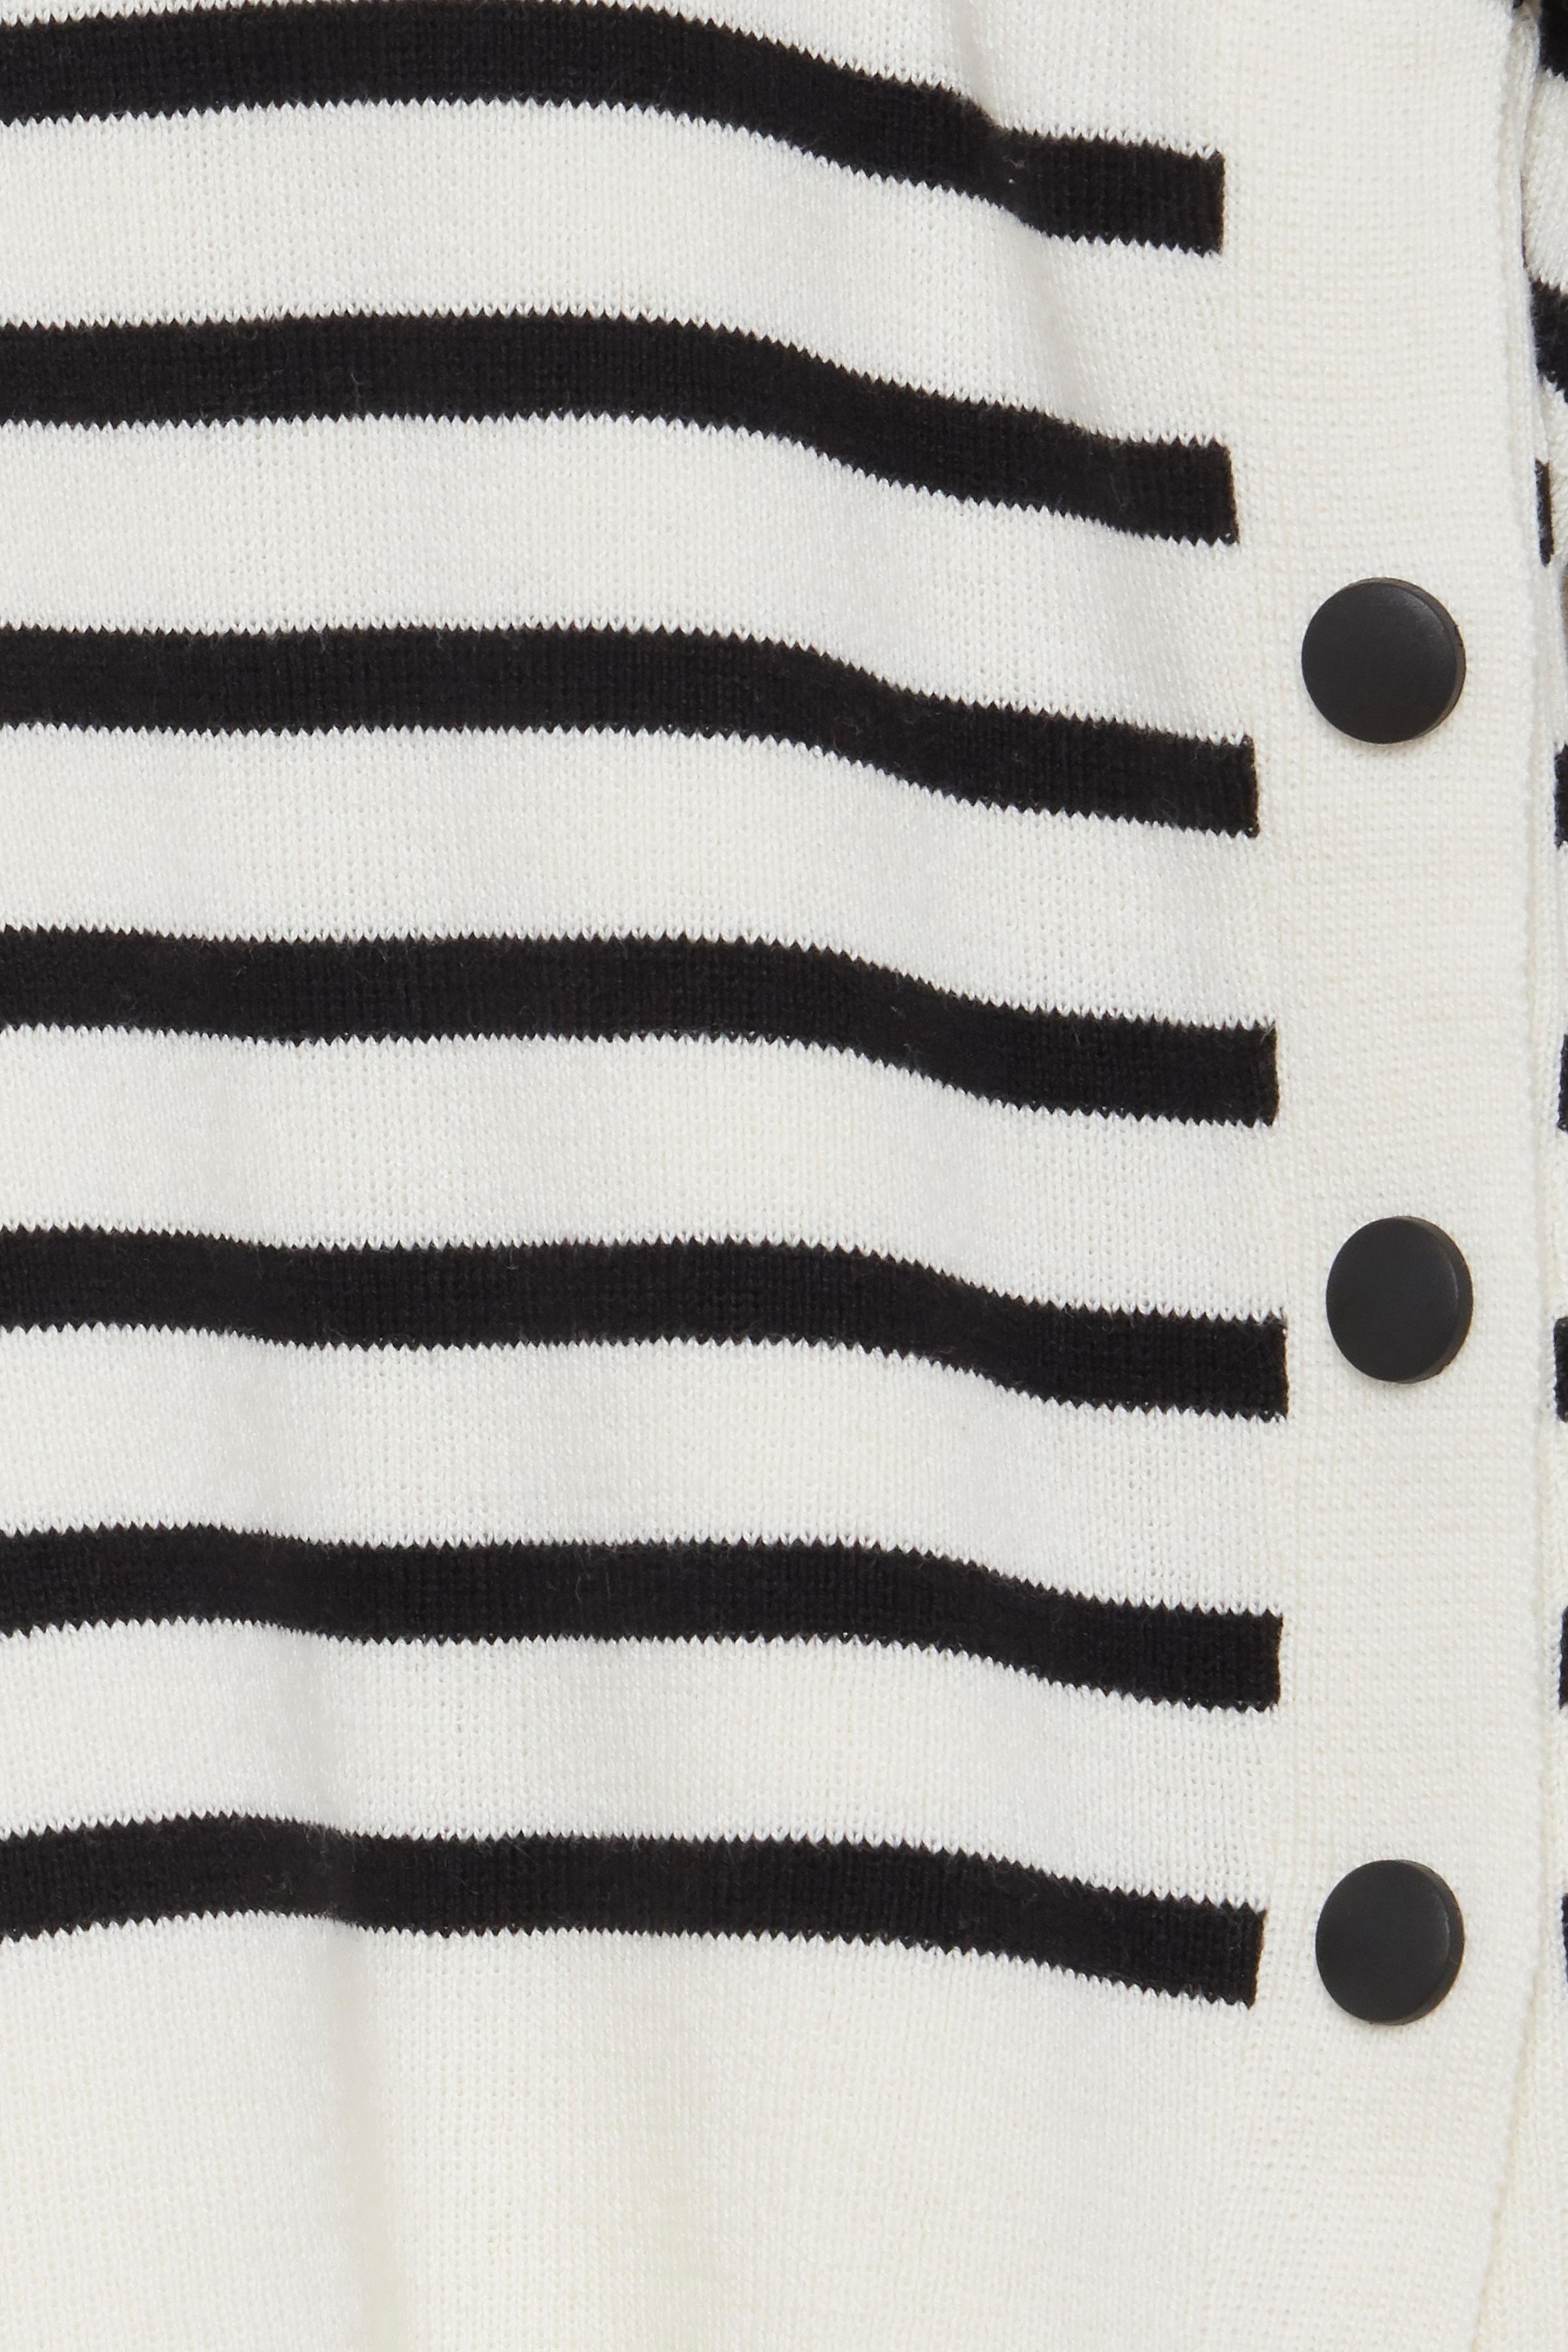 Wollweiß/schwarz Strickpullover von Fransa – Shoppen Sie Wollweiß/schwarz Strickpullover ab Gr. XS-XXL hier